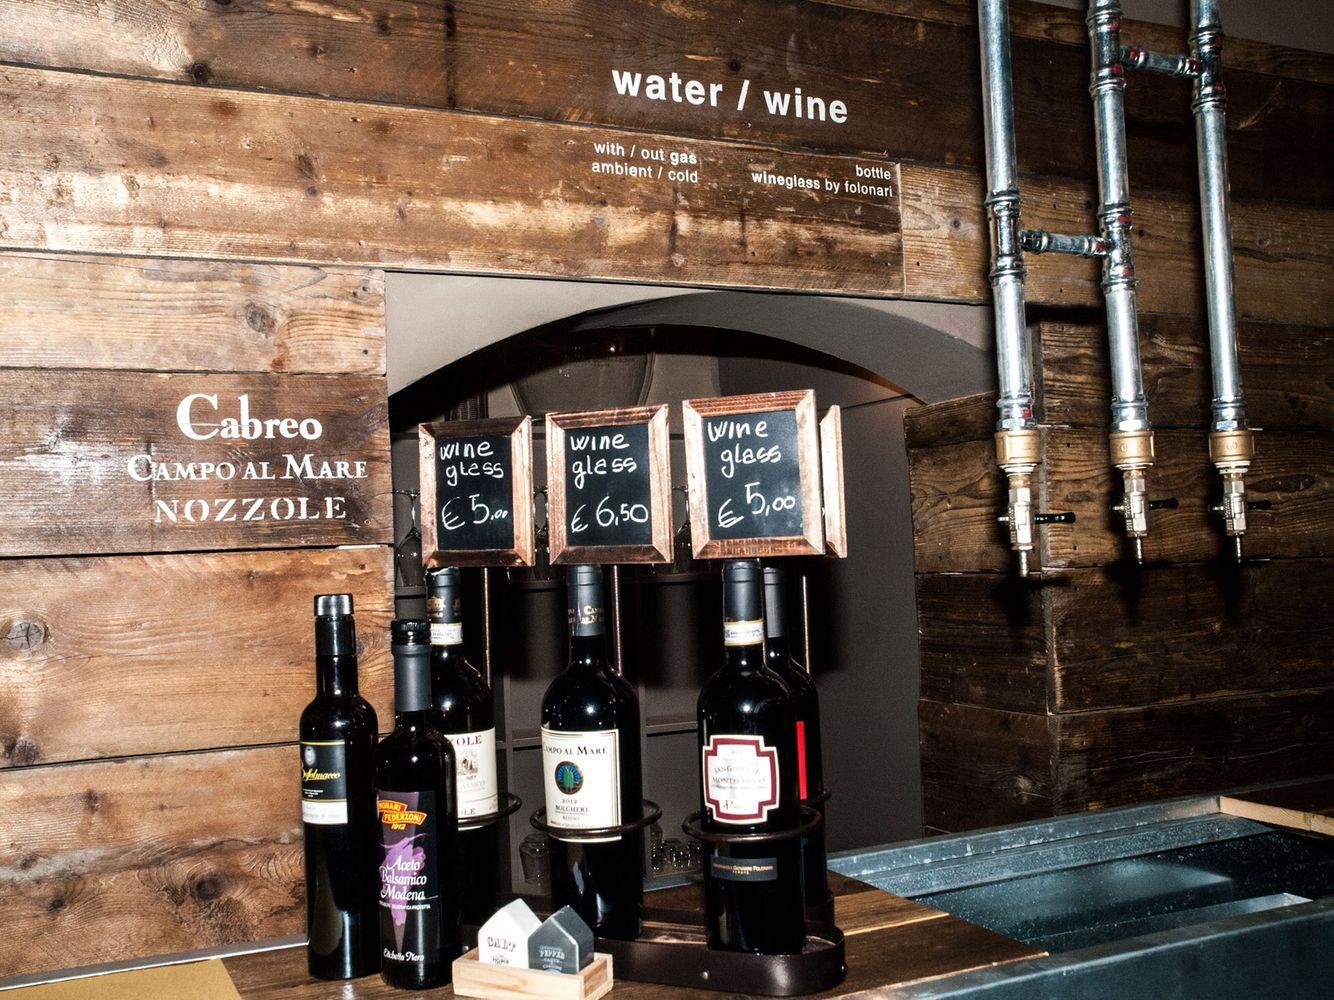 Water wine